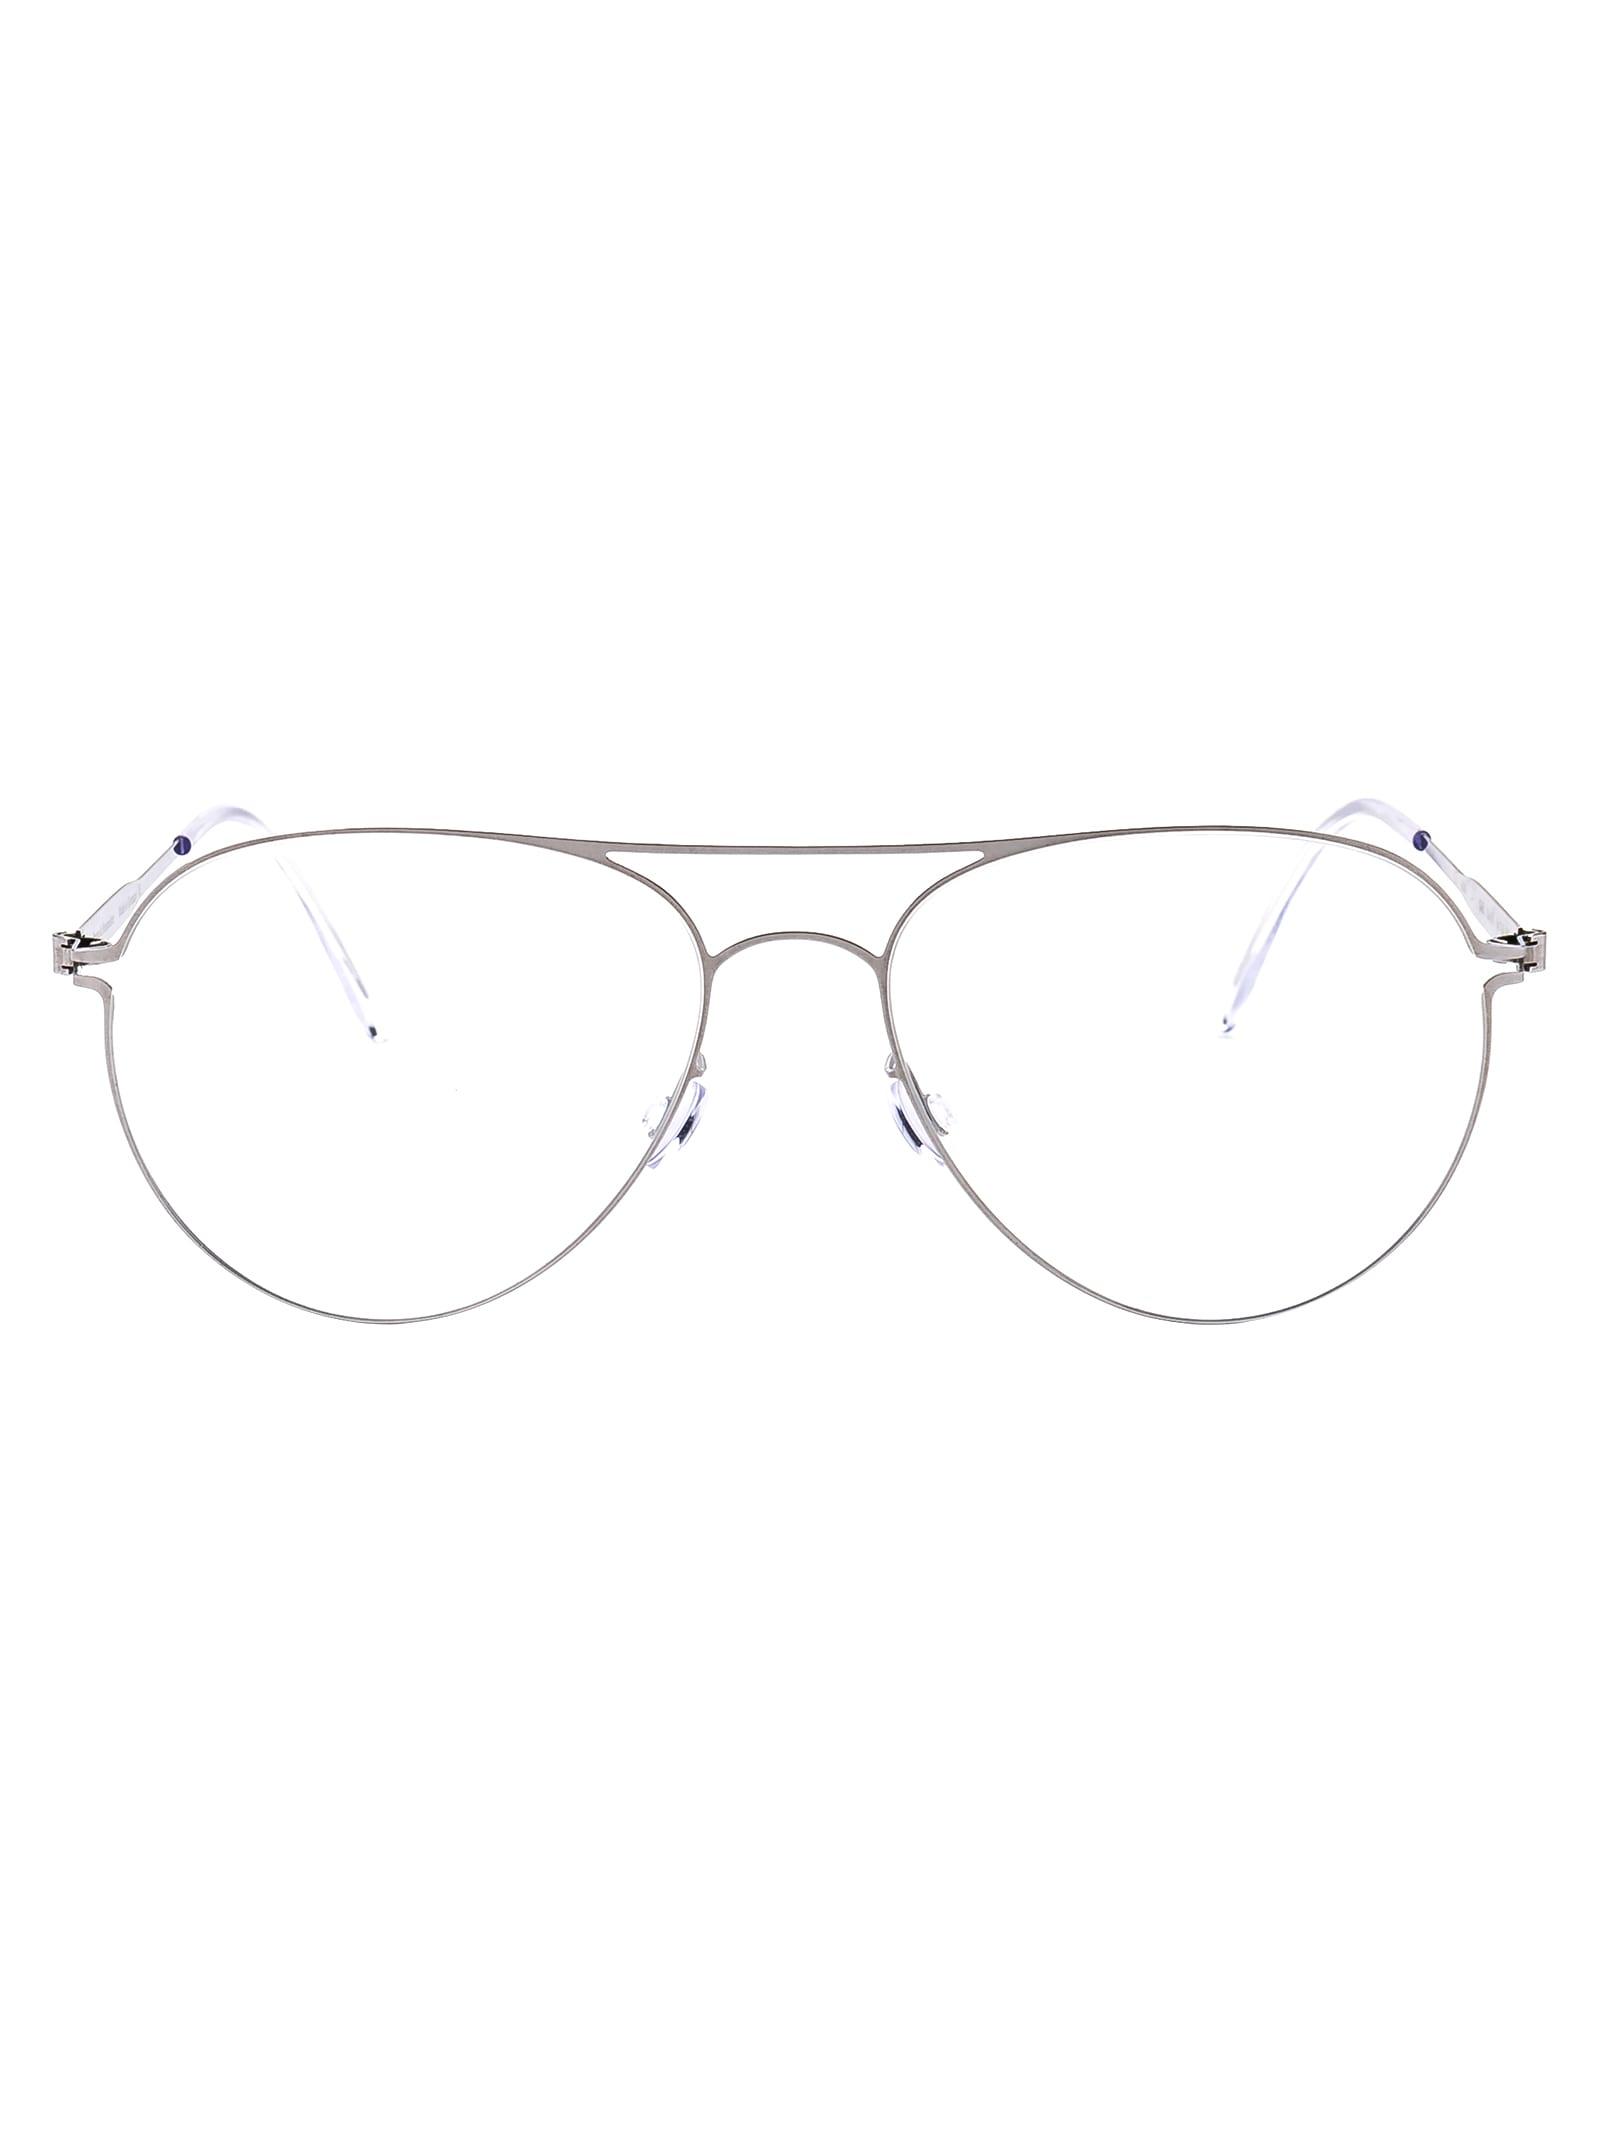 Swift Glasses